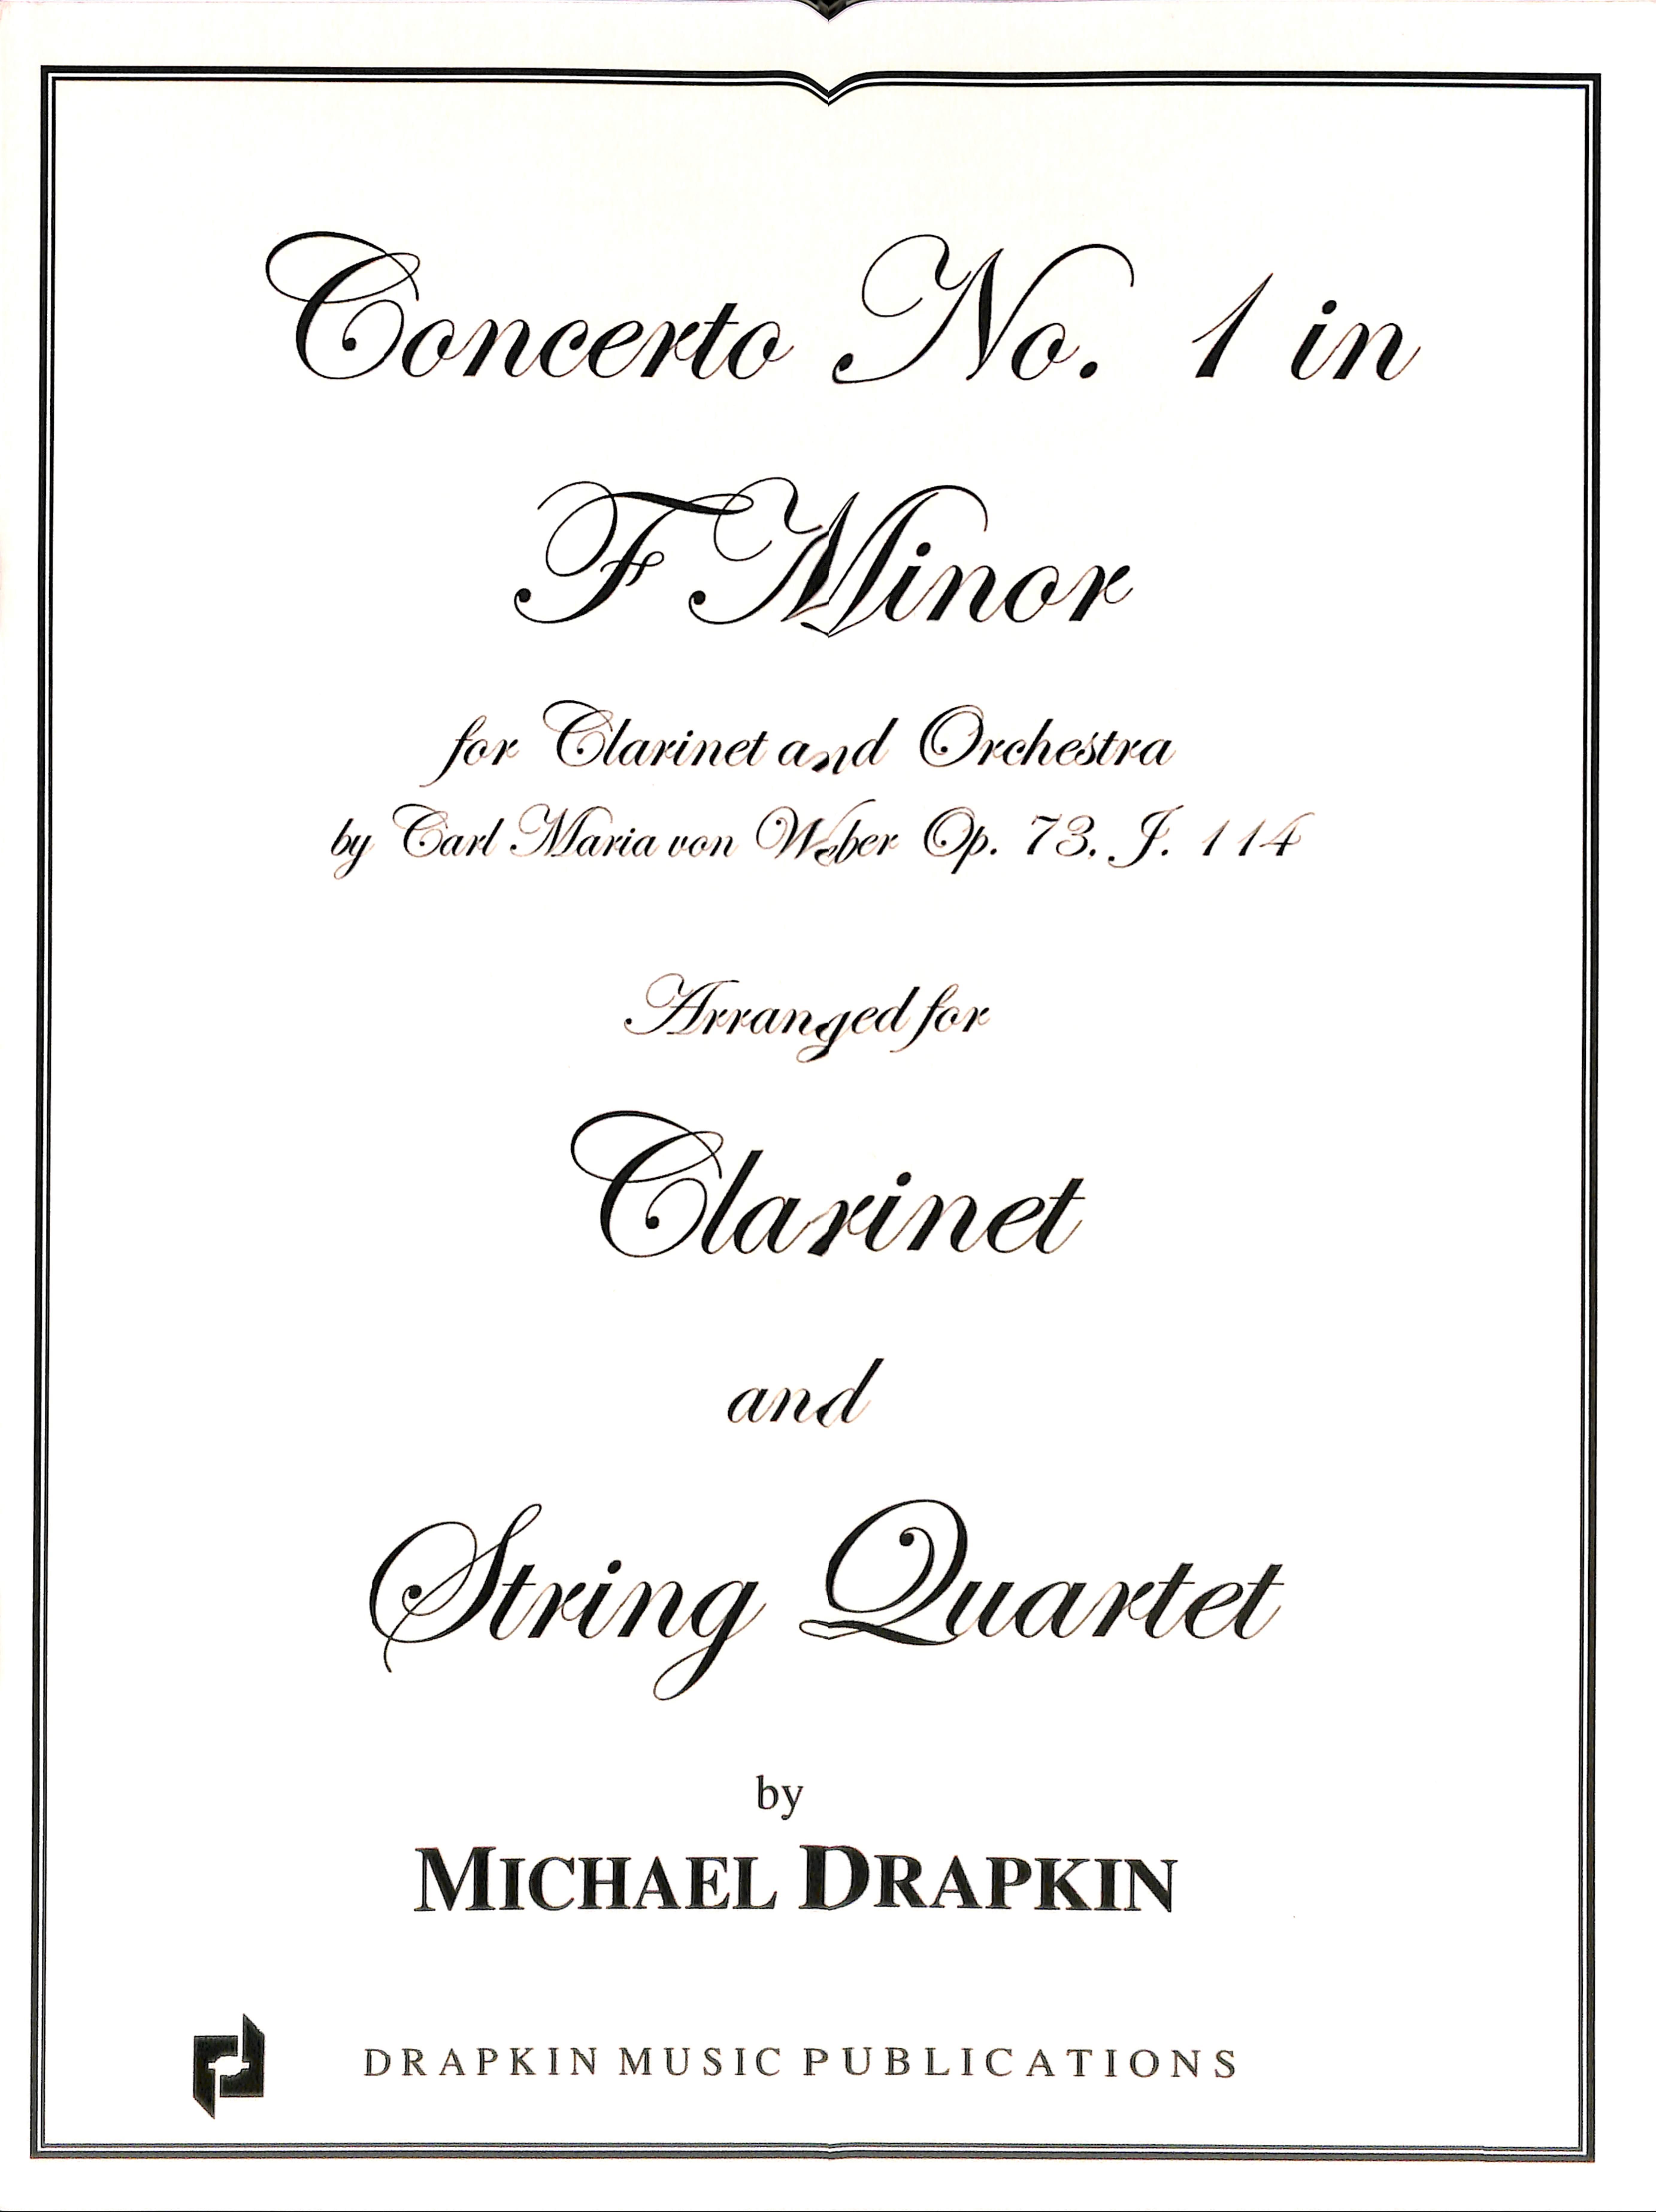 Concerto #1 in F Minor